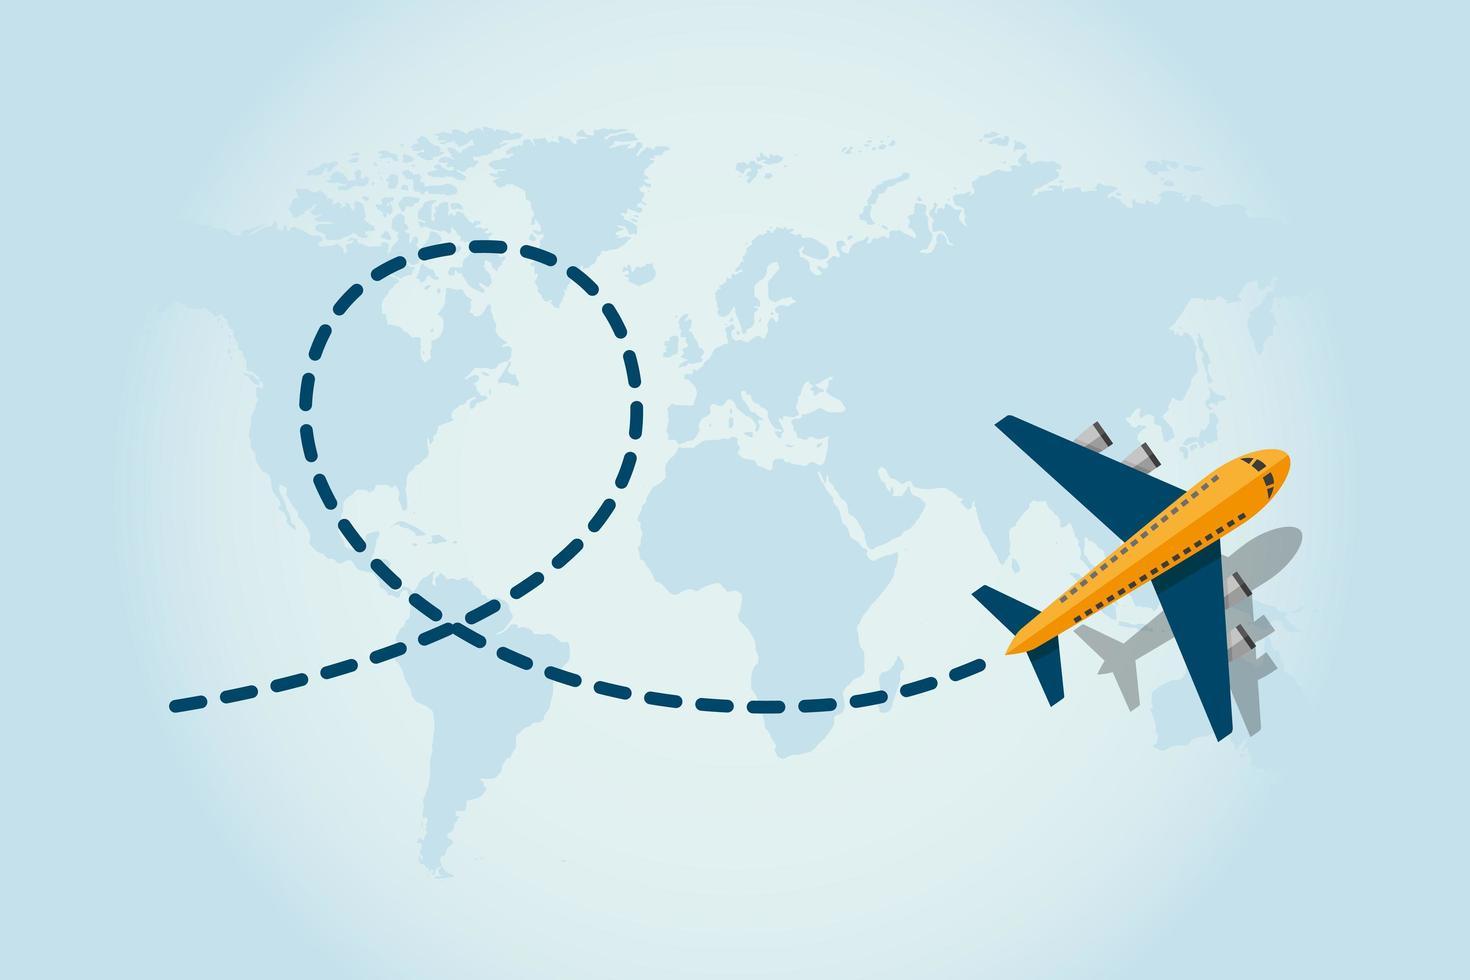 vliegtuig vliegt op de aarde vector